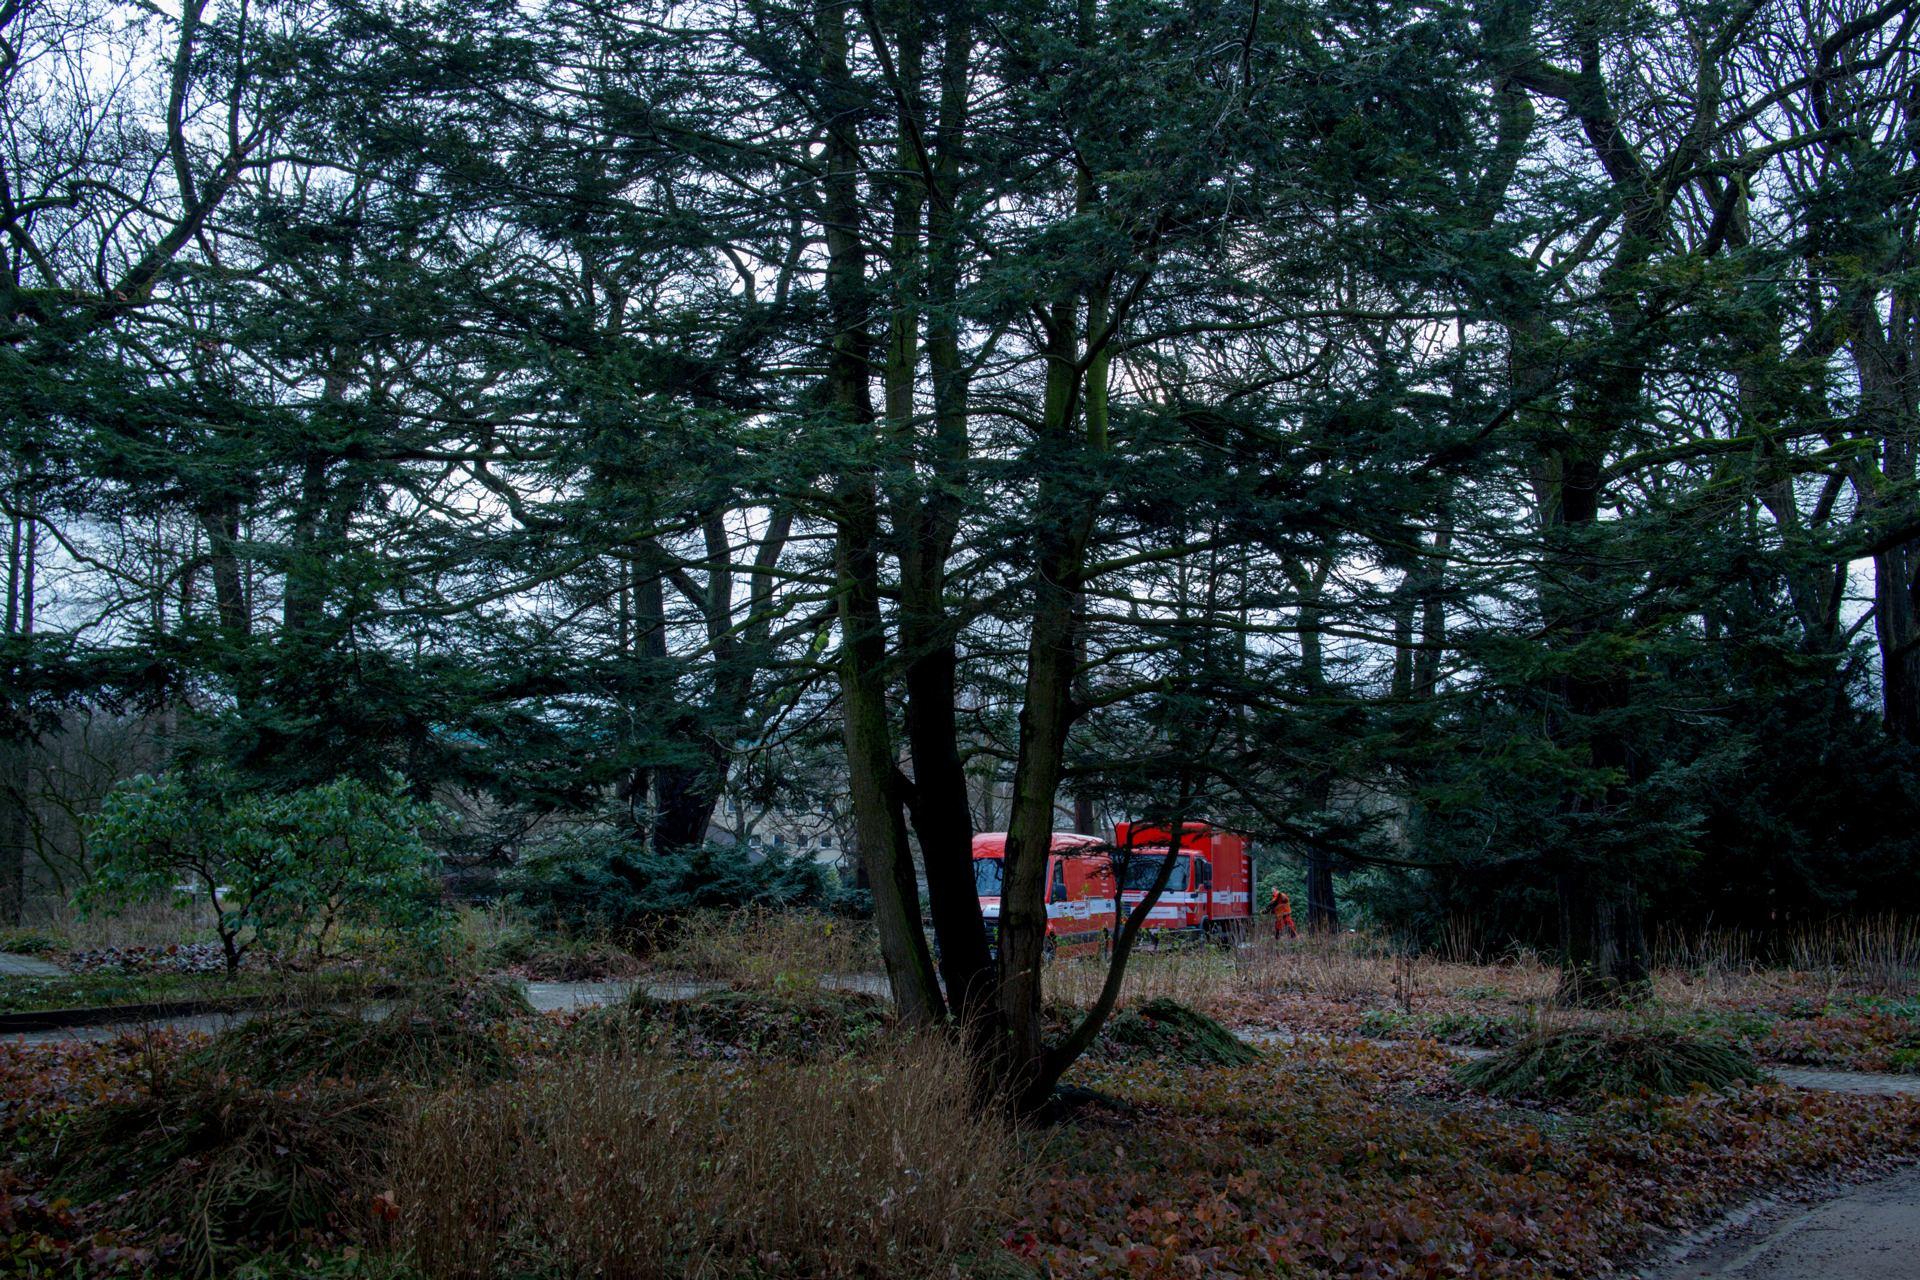 2 camions rouges sur fond de nature verte